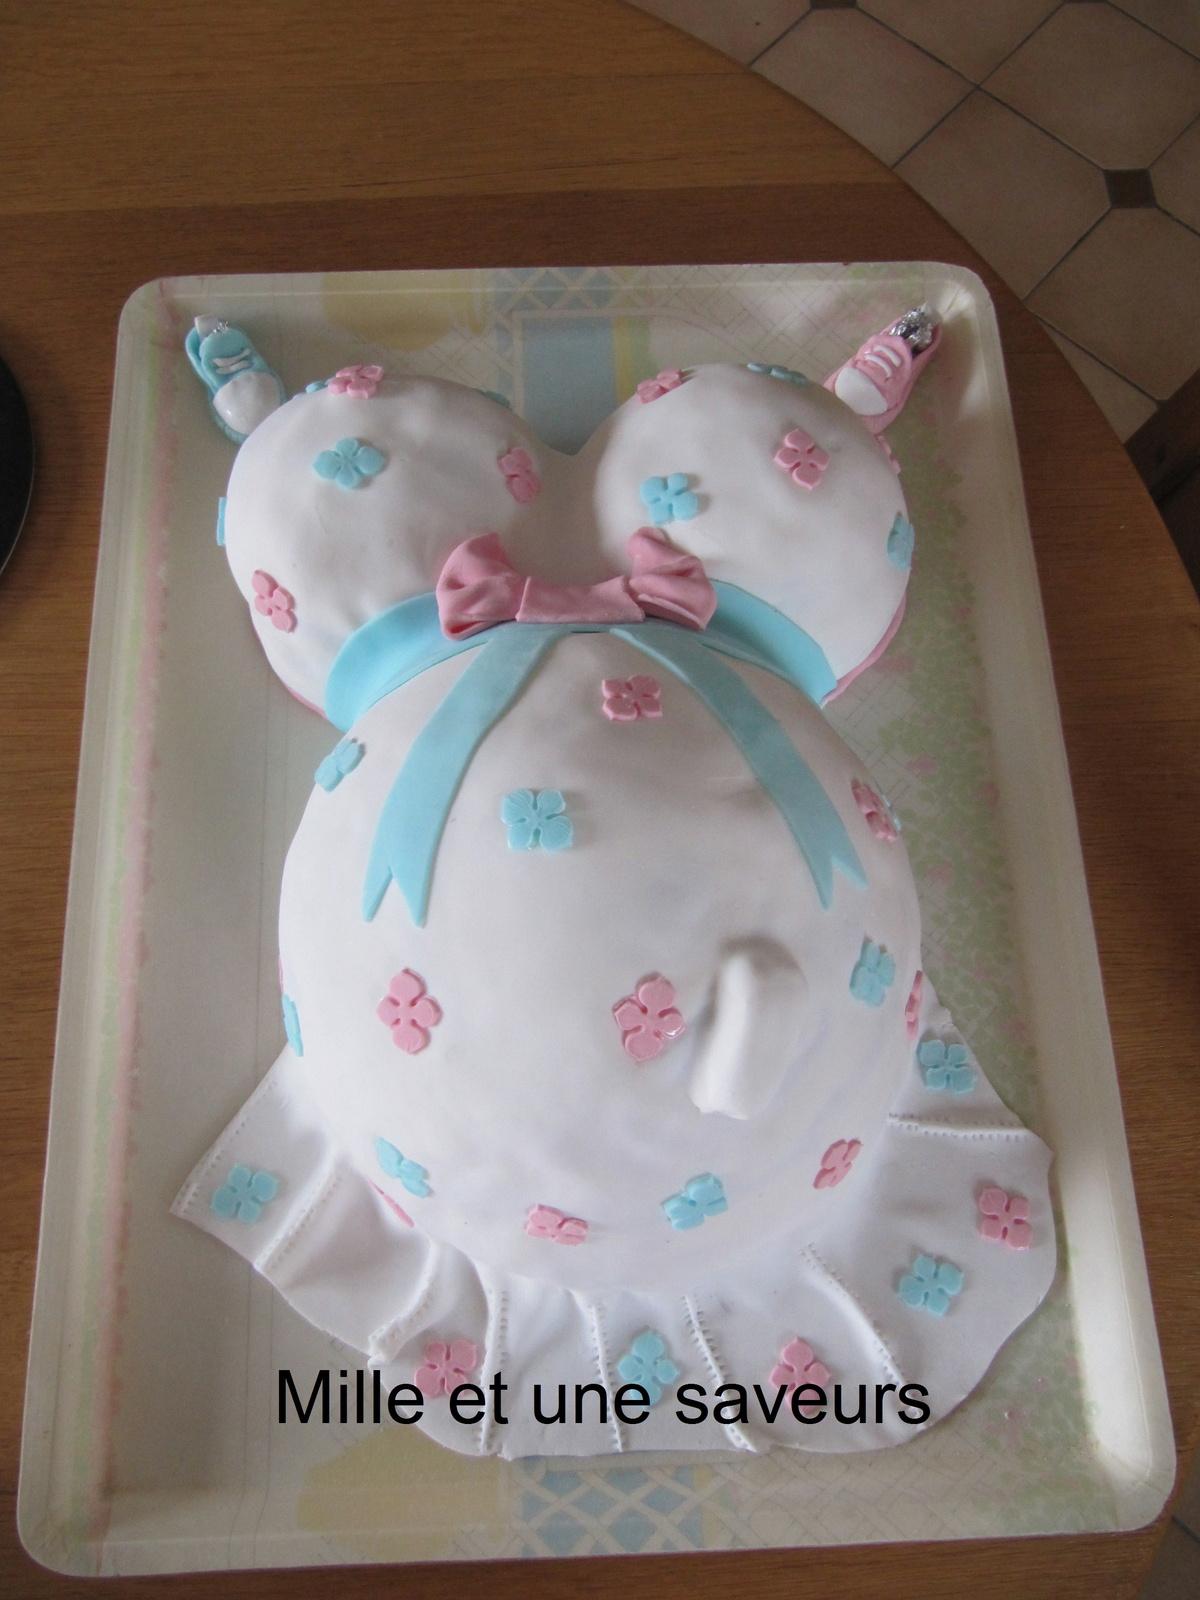 Exceptionnel Gâteau femme enceinte pour un baby shower - mille et une saveurs  QI65